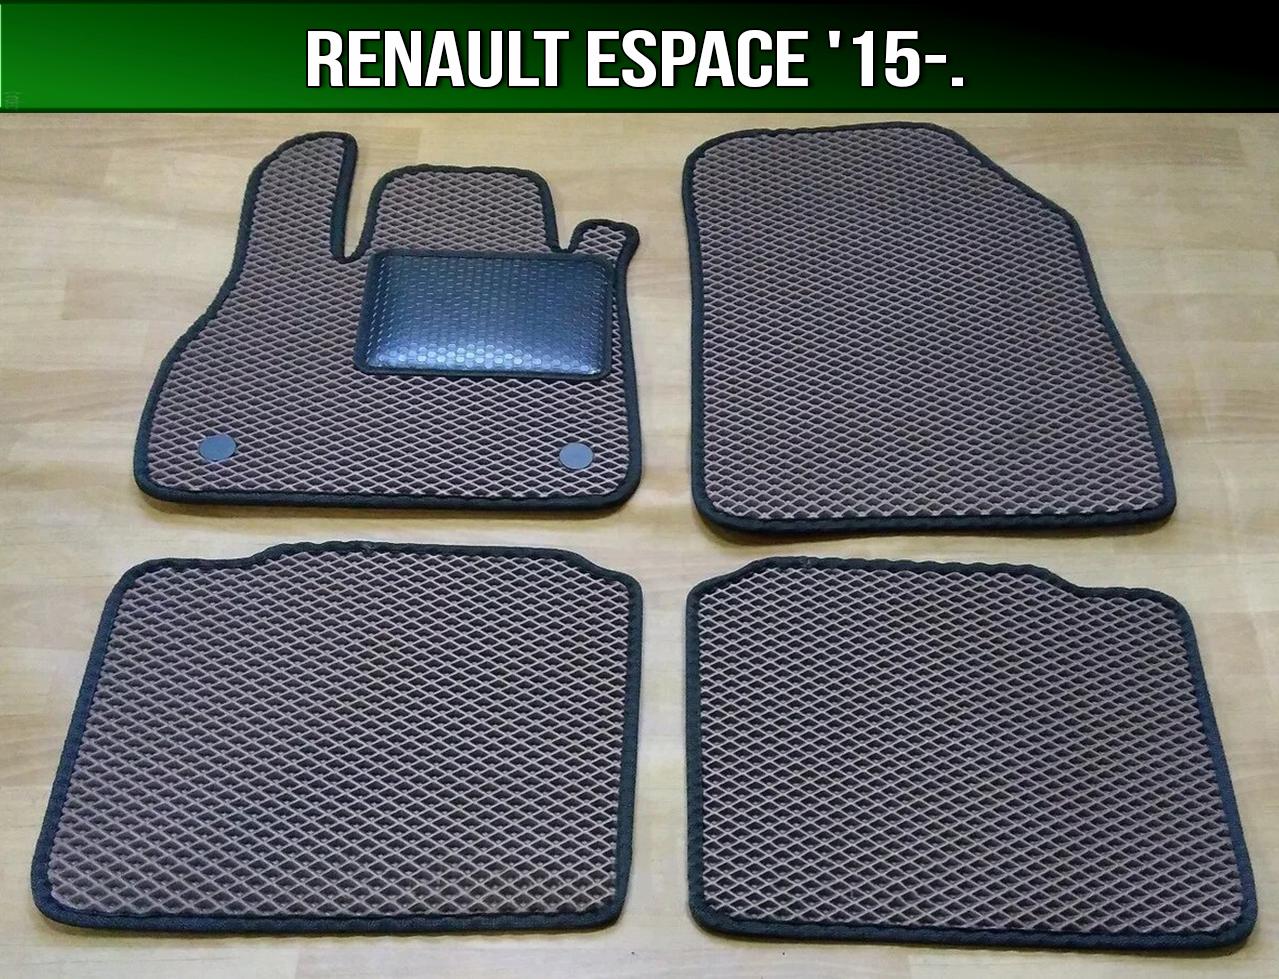 ЕВА коврики на Renault Espace '15-. Ковры EVA Рено Эспейс